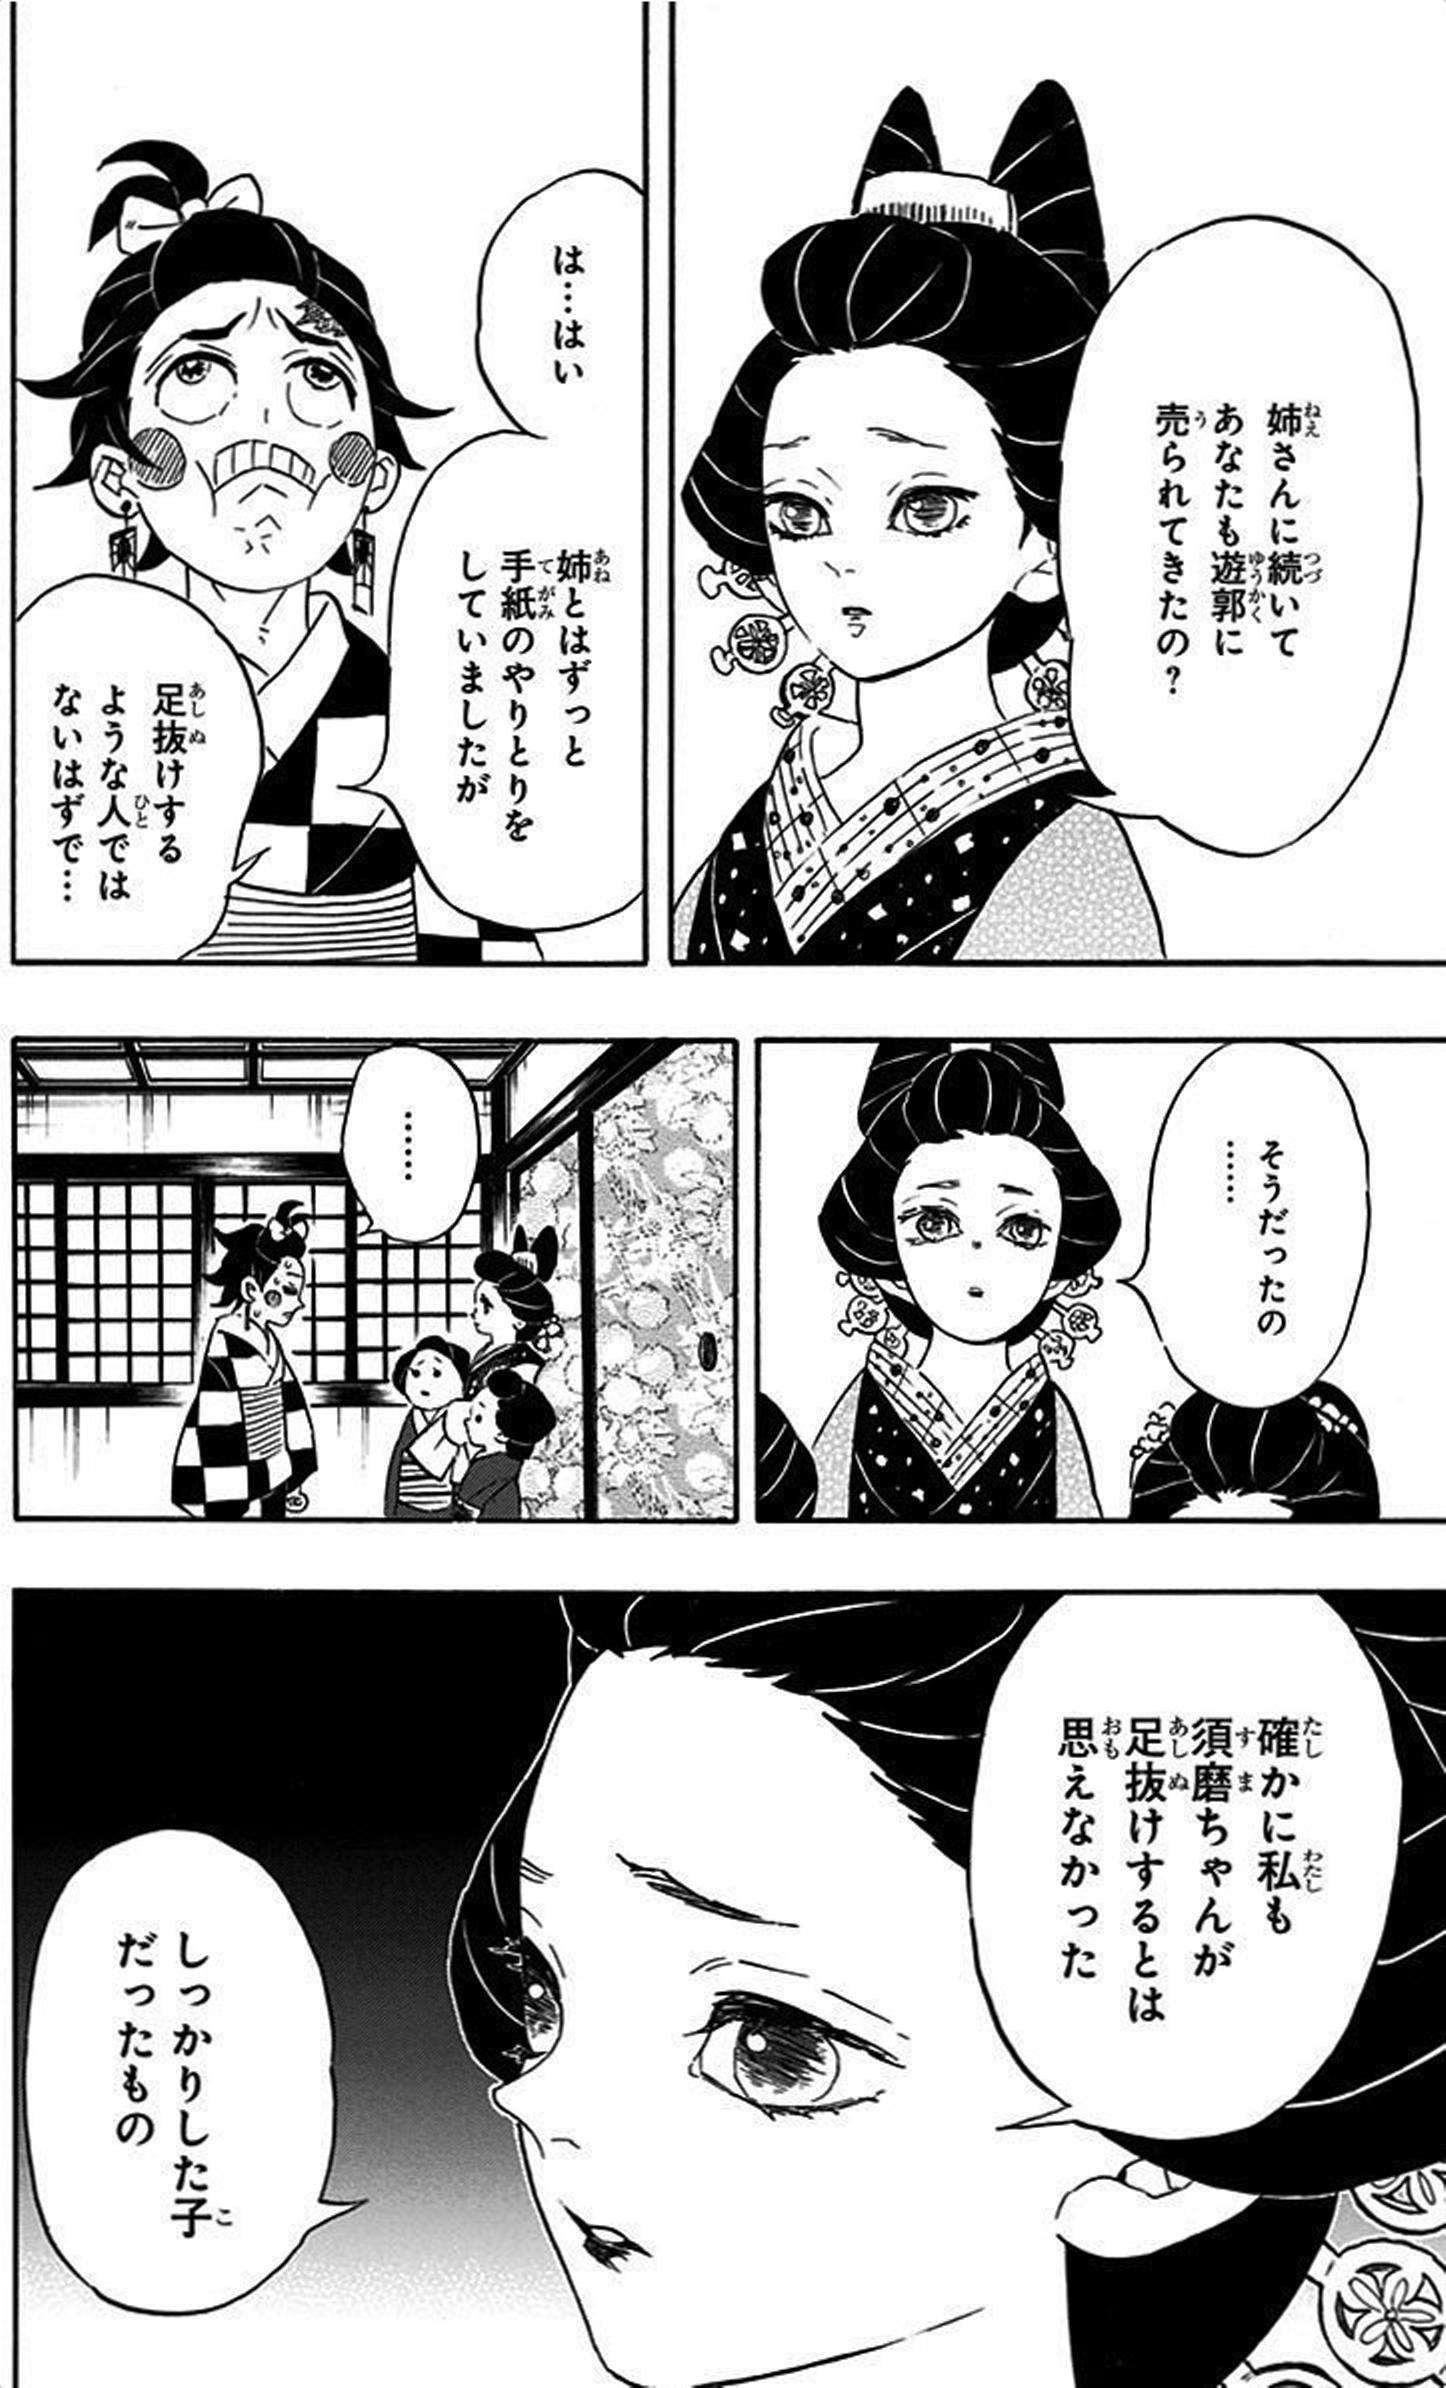 9巻 鬼滅の刃 鬼滅の刃 完全な作品 無料で見る アニメ恋愛 滅 コミック